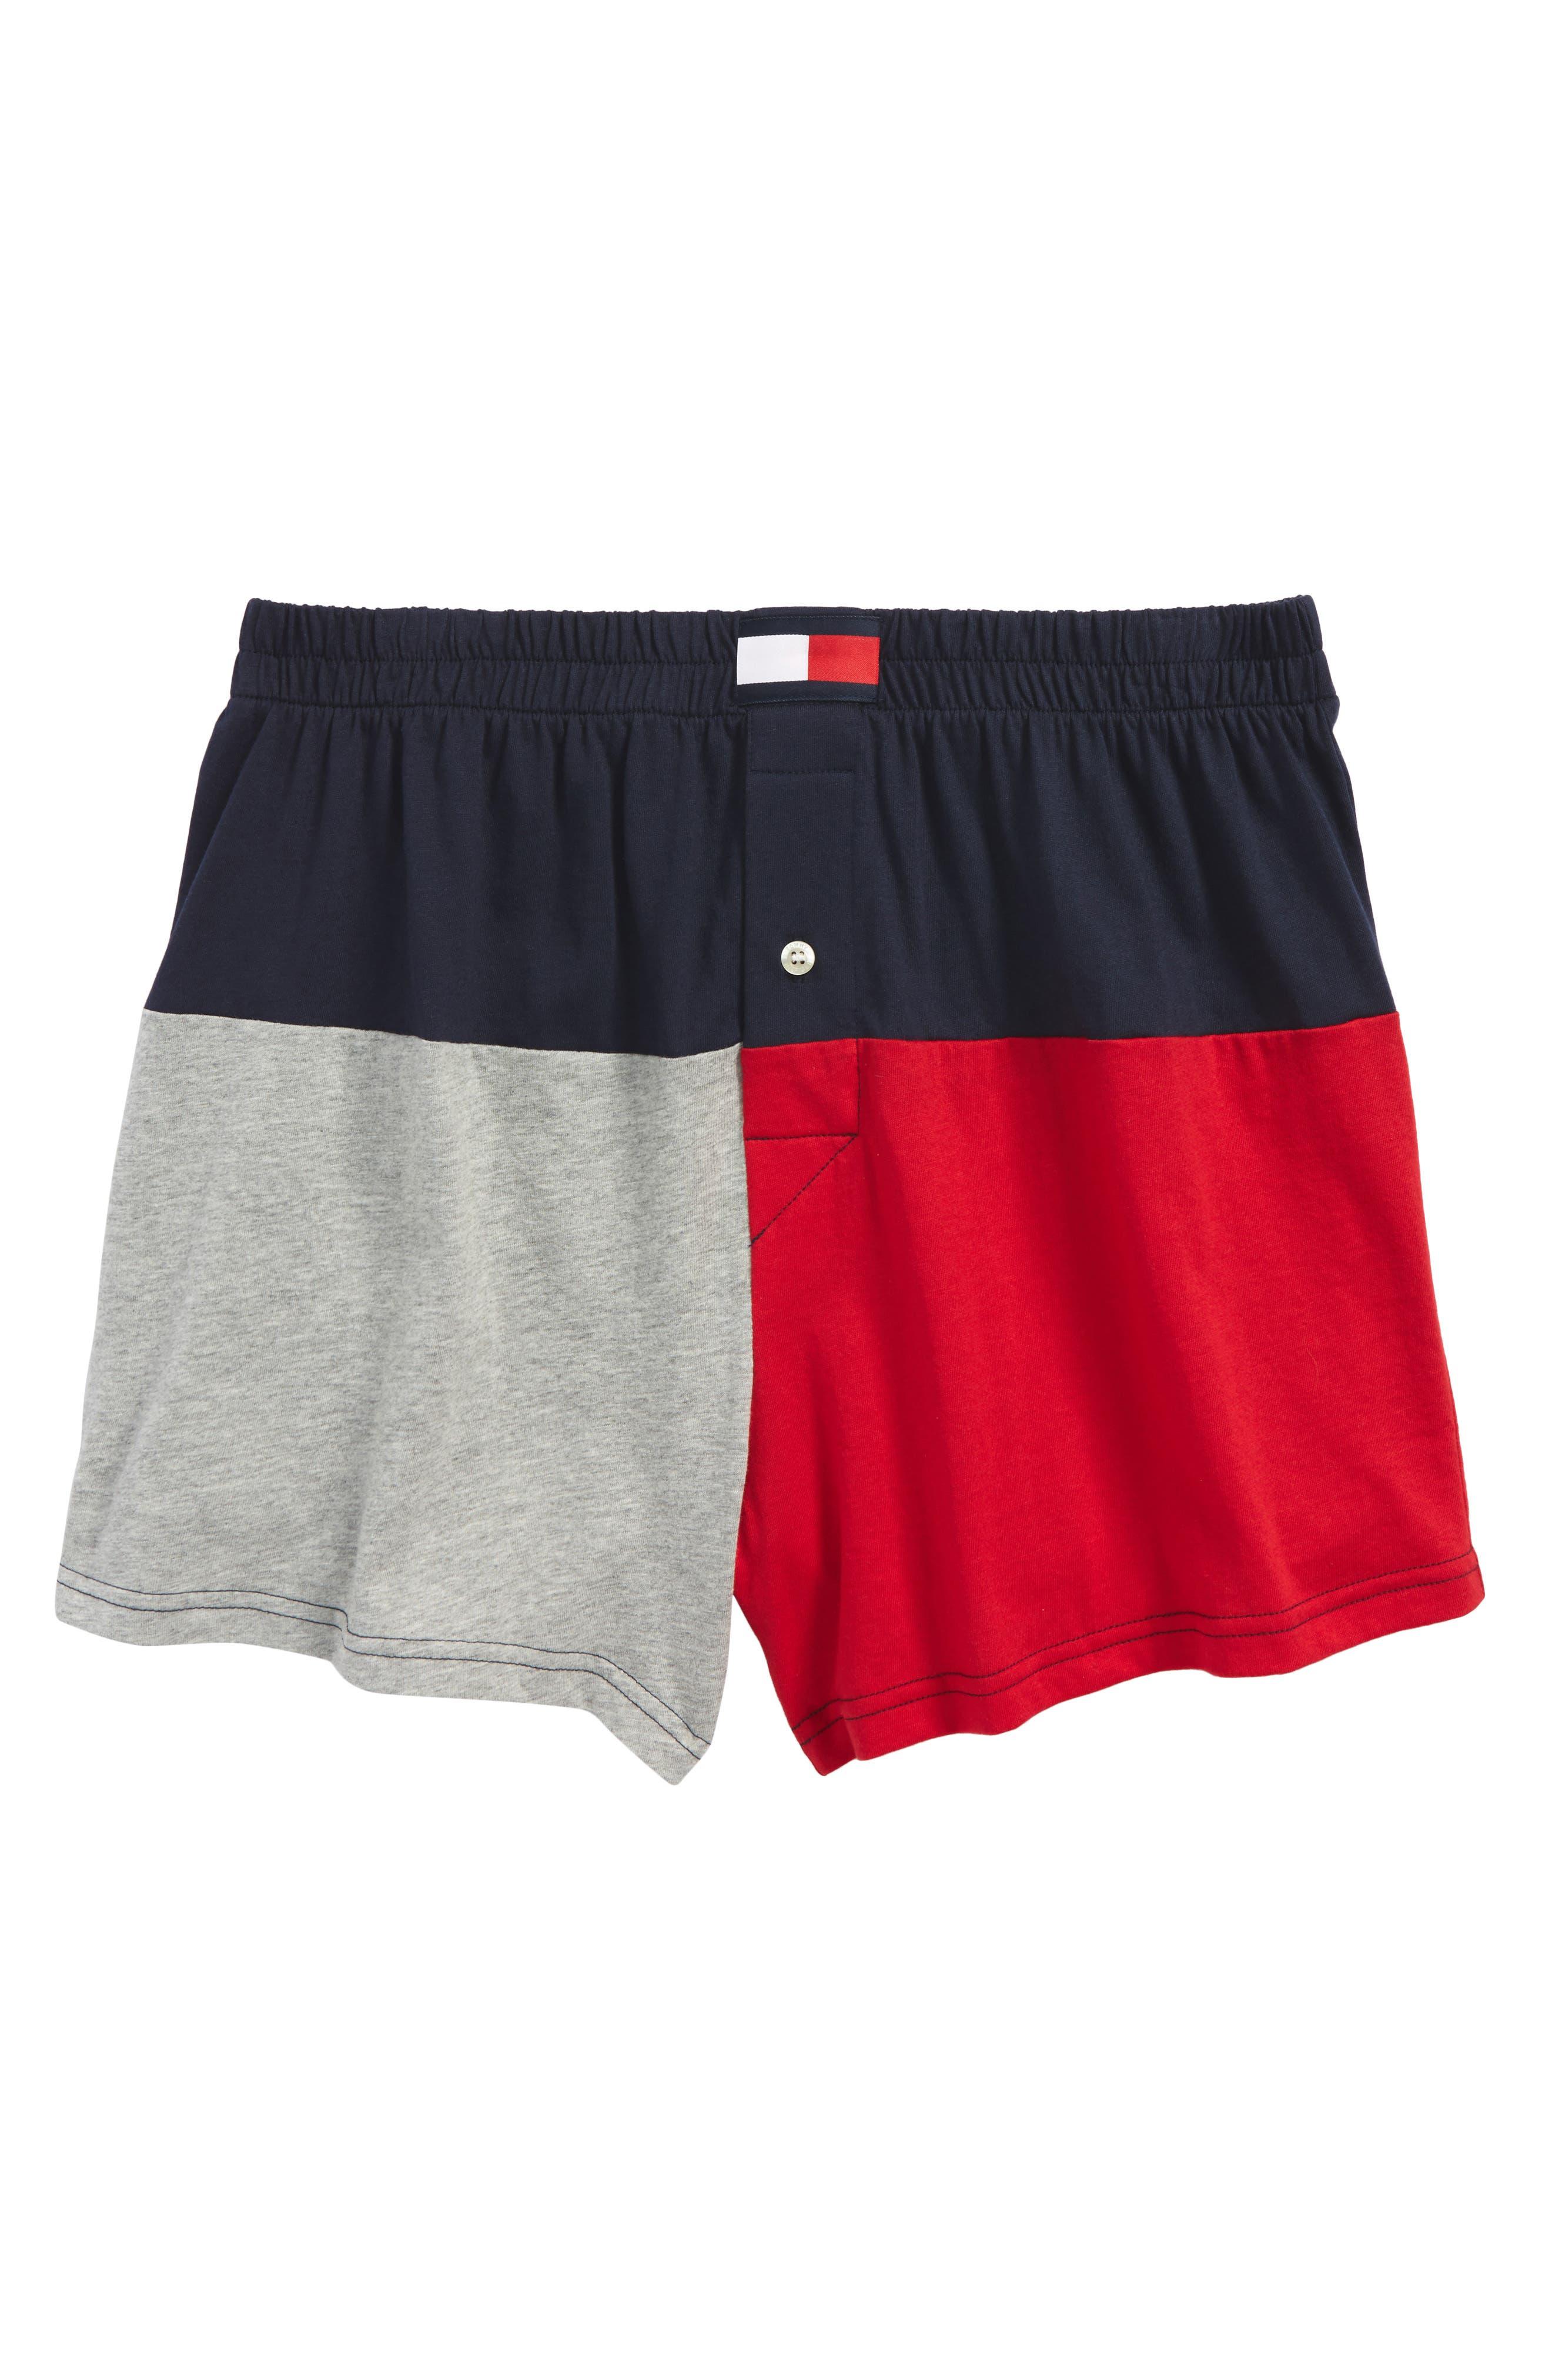 Colorblock Knit Boxers,                             Main thumbnail 1, color,                             Dark Navy